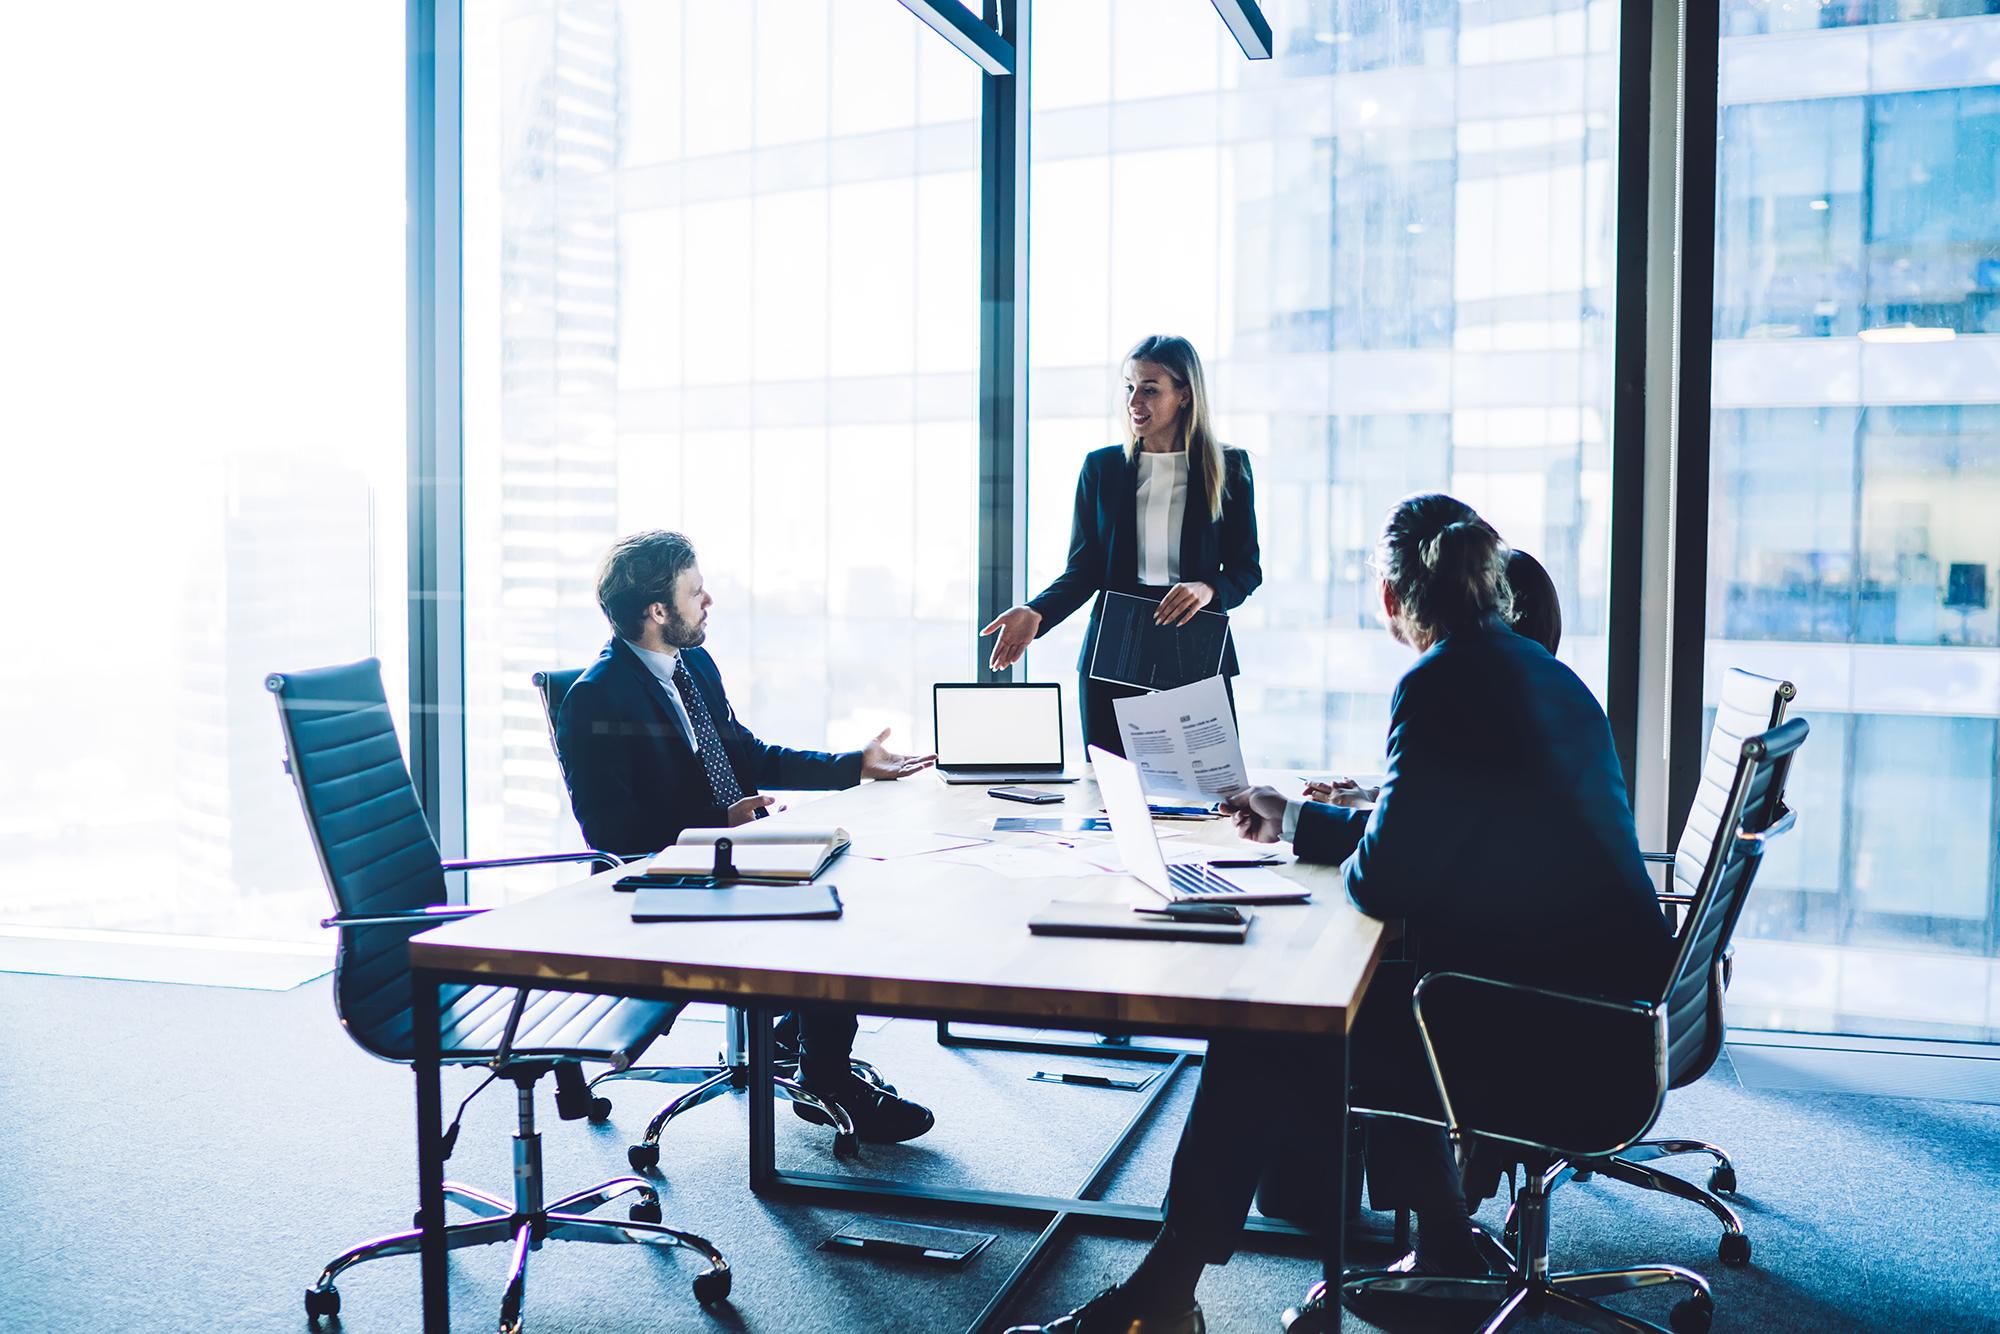 três pessoas em volta de uma mesa em reunião